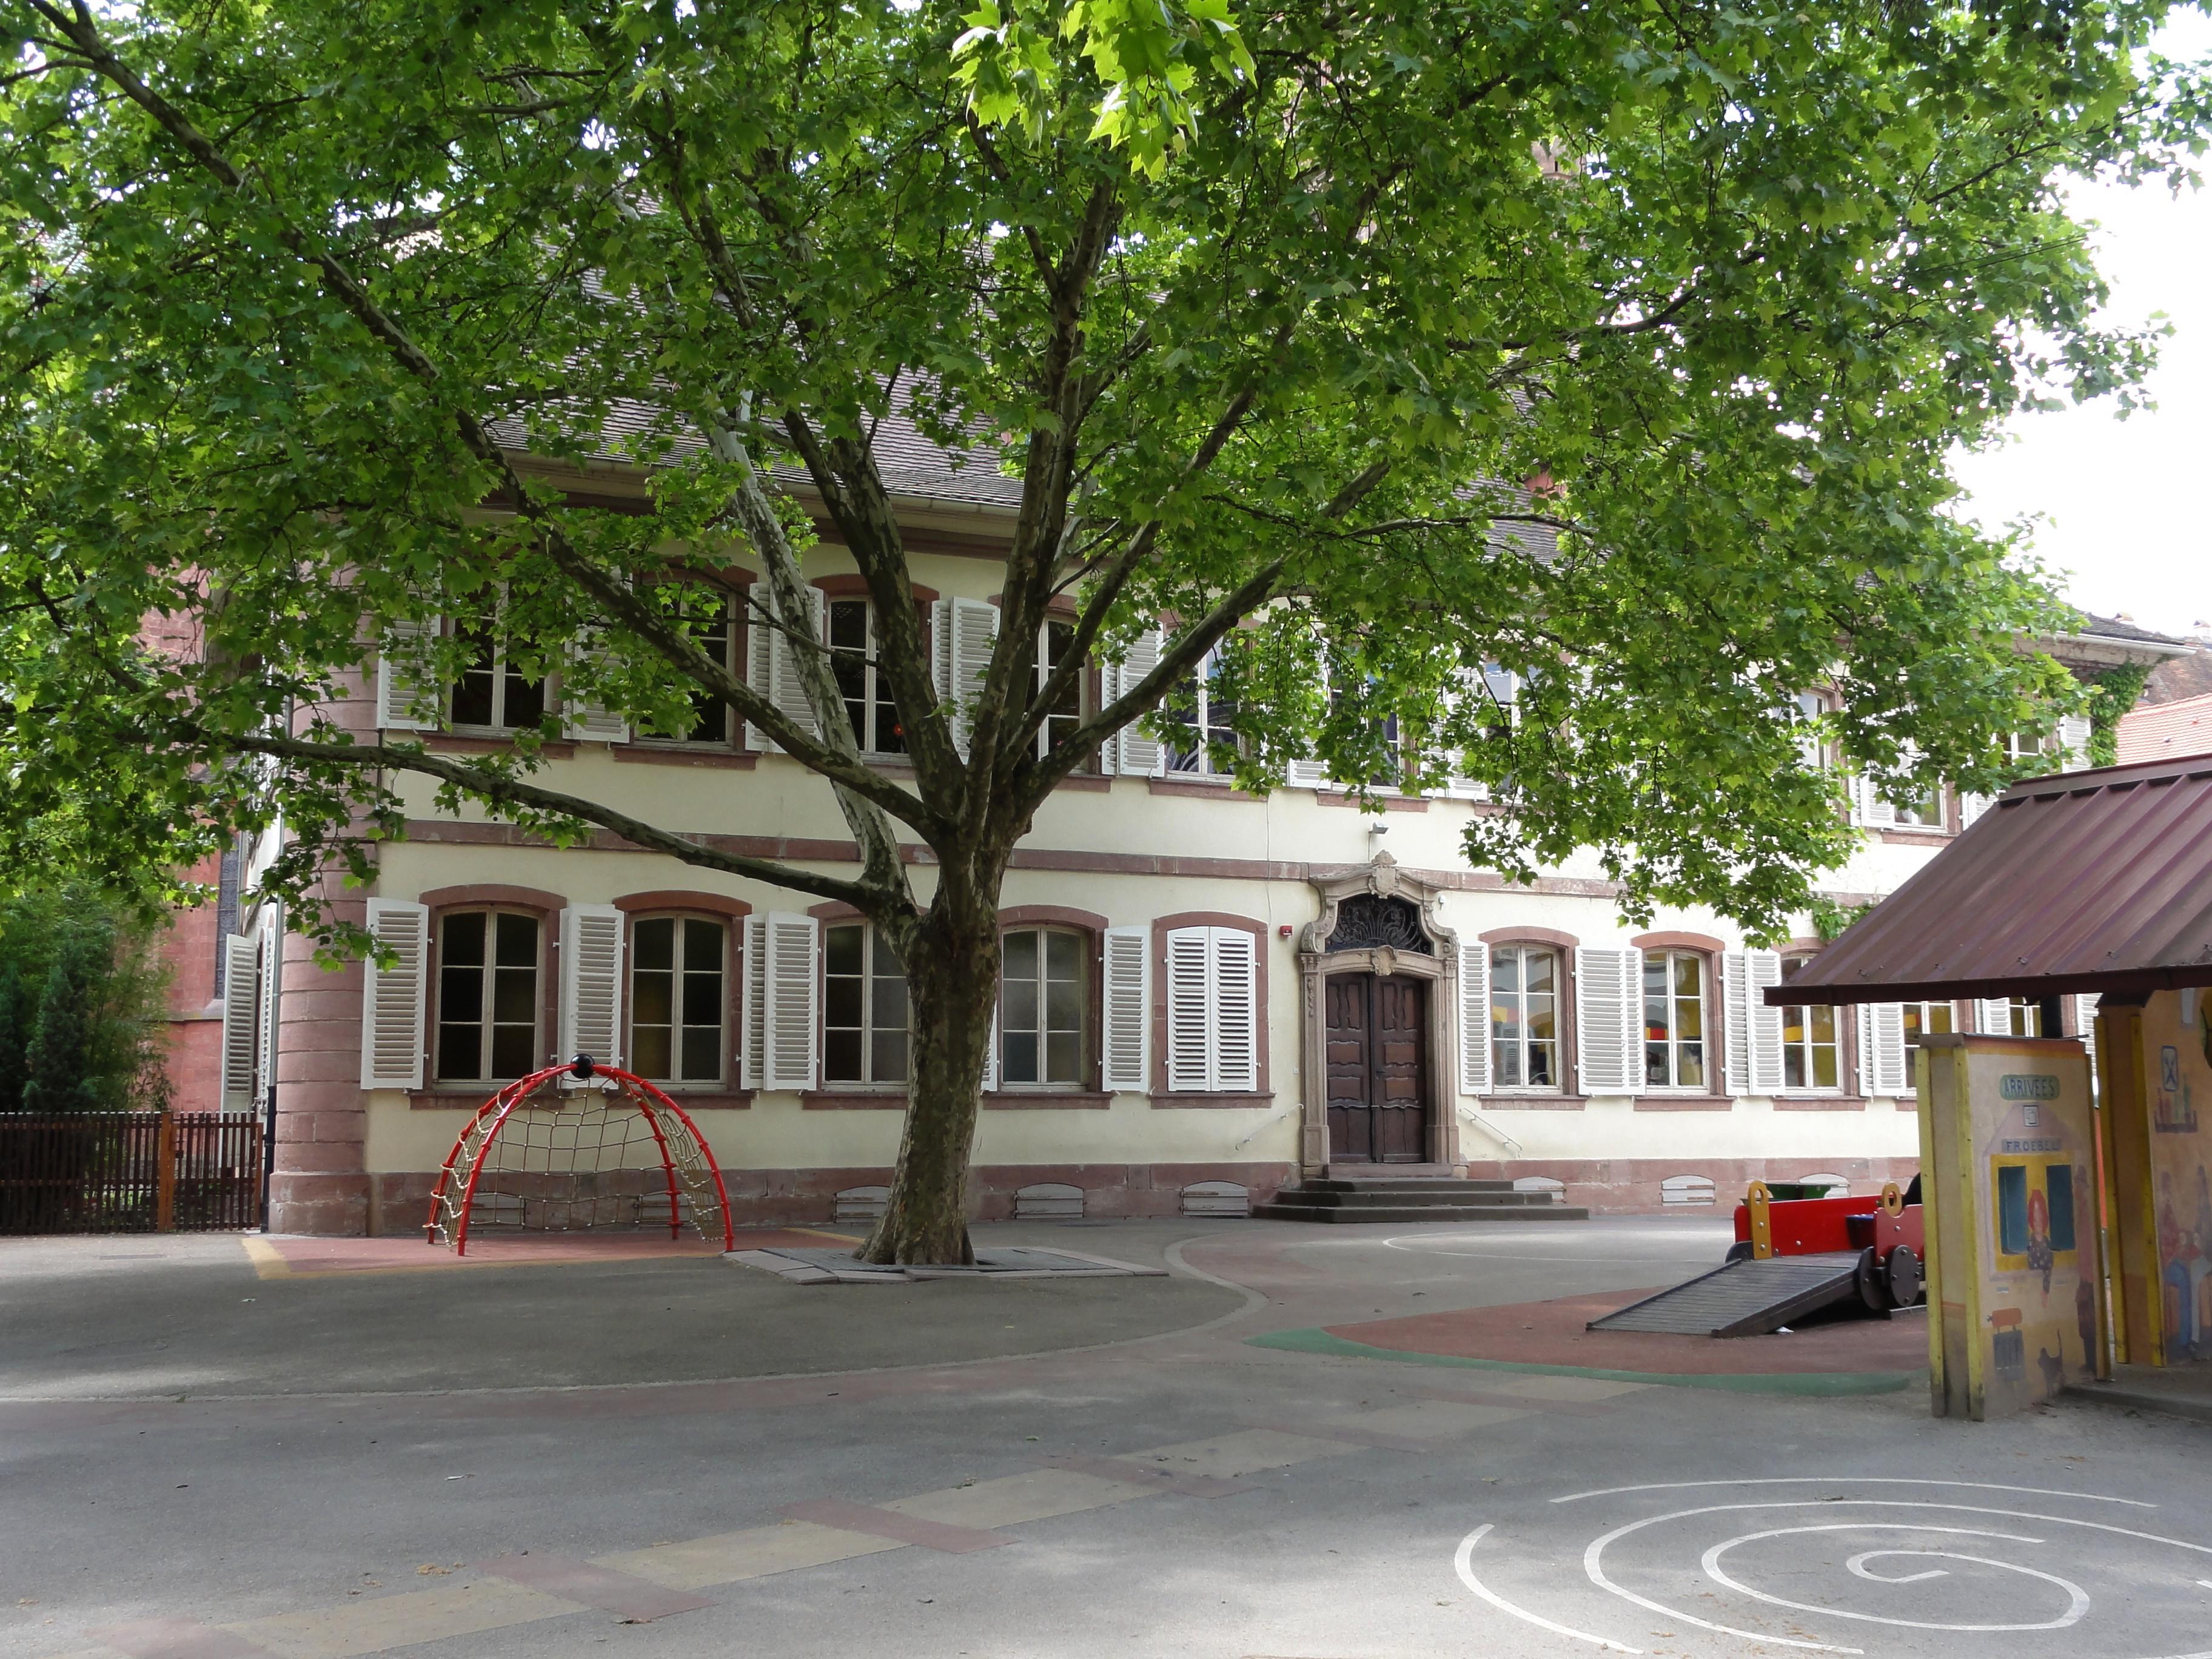 Plan Cul Le Puy En Velay L'Hotellerie Et Rencontre 94